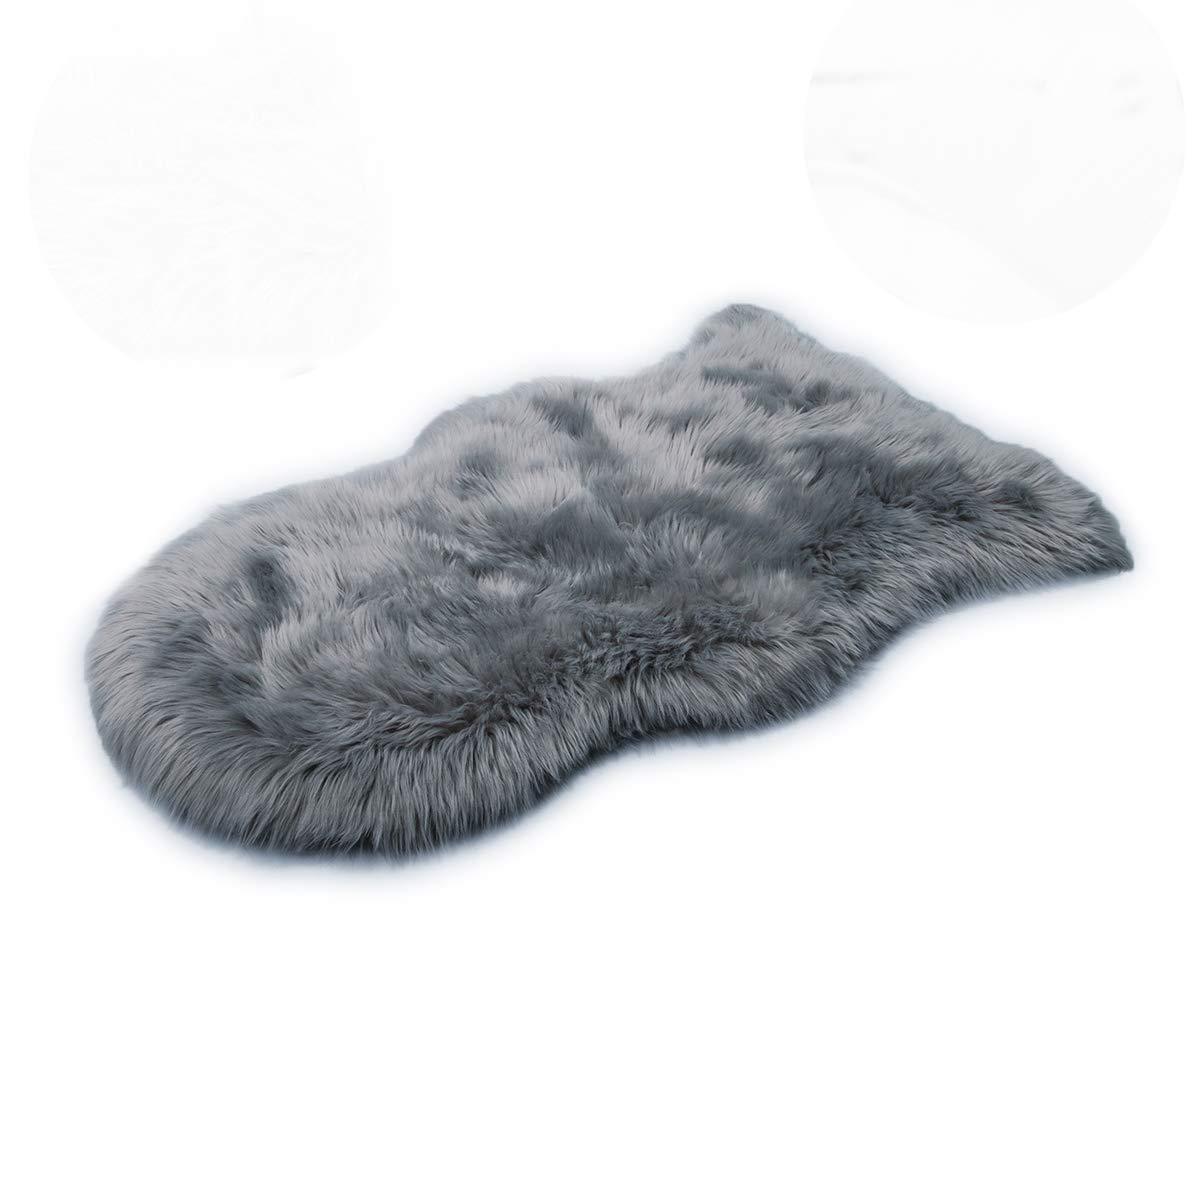 HEQUN Faux pelliccia di agnello di pecora tappeto, pelliccia sintetica decorativa Fell In Super Soffice Pelliccia di agnello imitazione Tappeto Longhair effetto pelliccia divano letto in imitazione Vo (Grey, 50 X 80 CM)